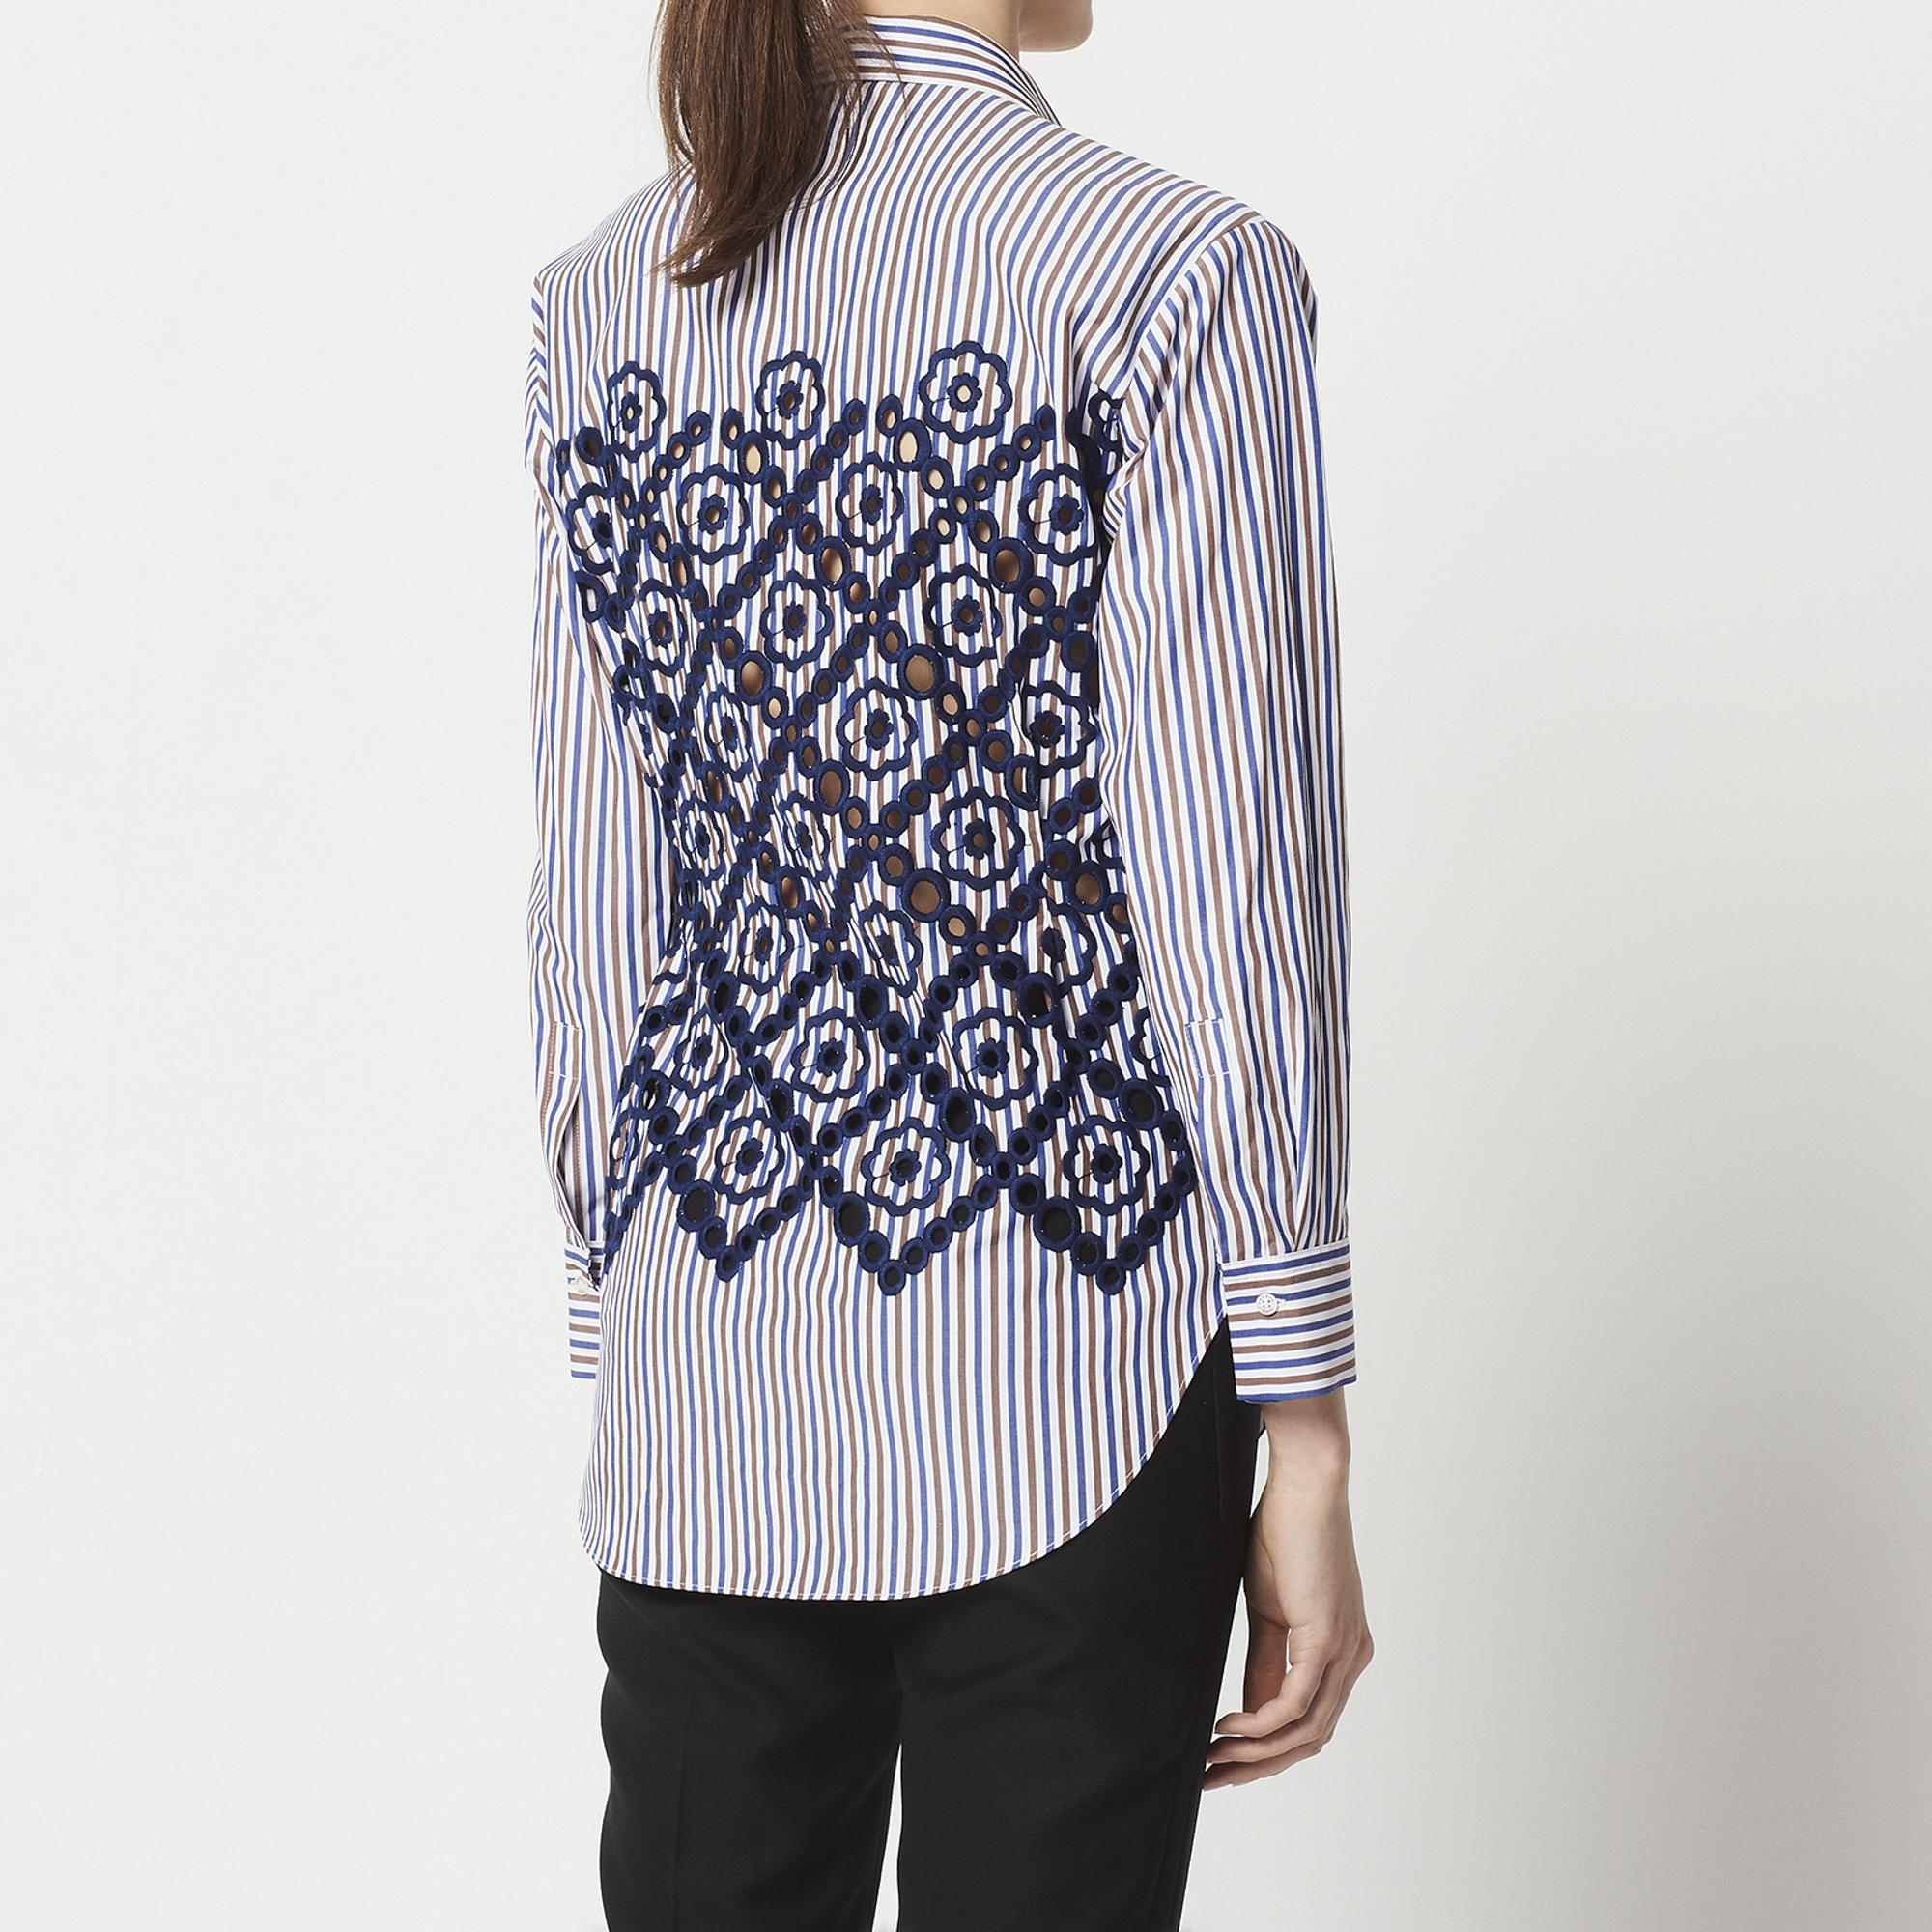 Camicia scaldacuore con ricamo floreale : Top & Camicie colore Blu Marino